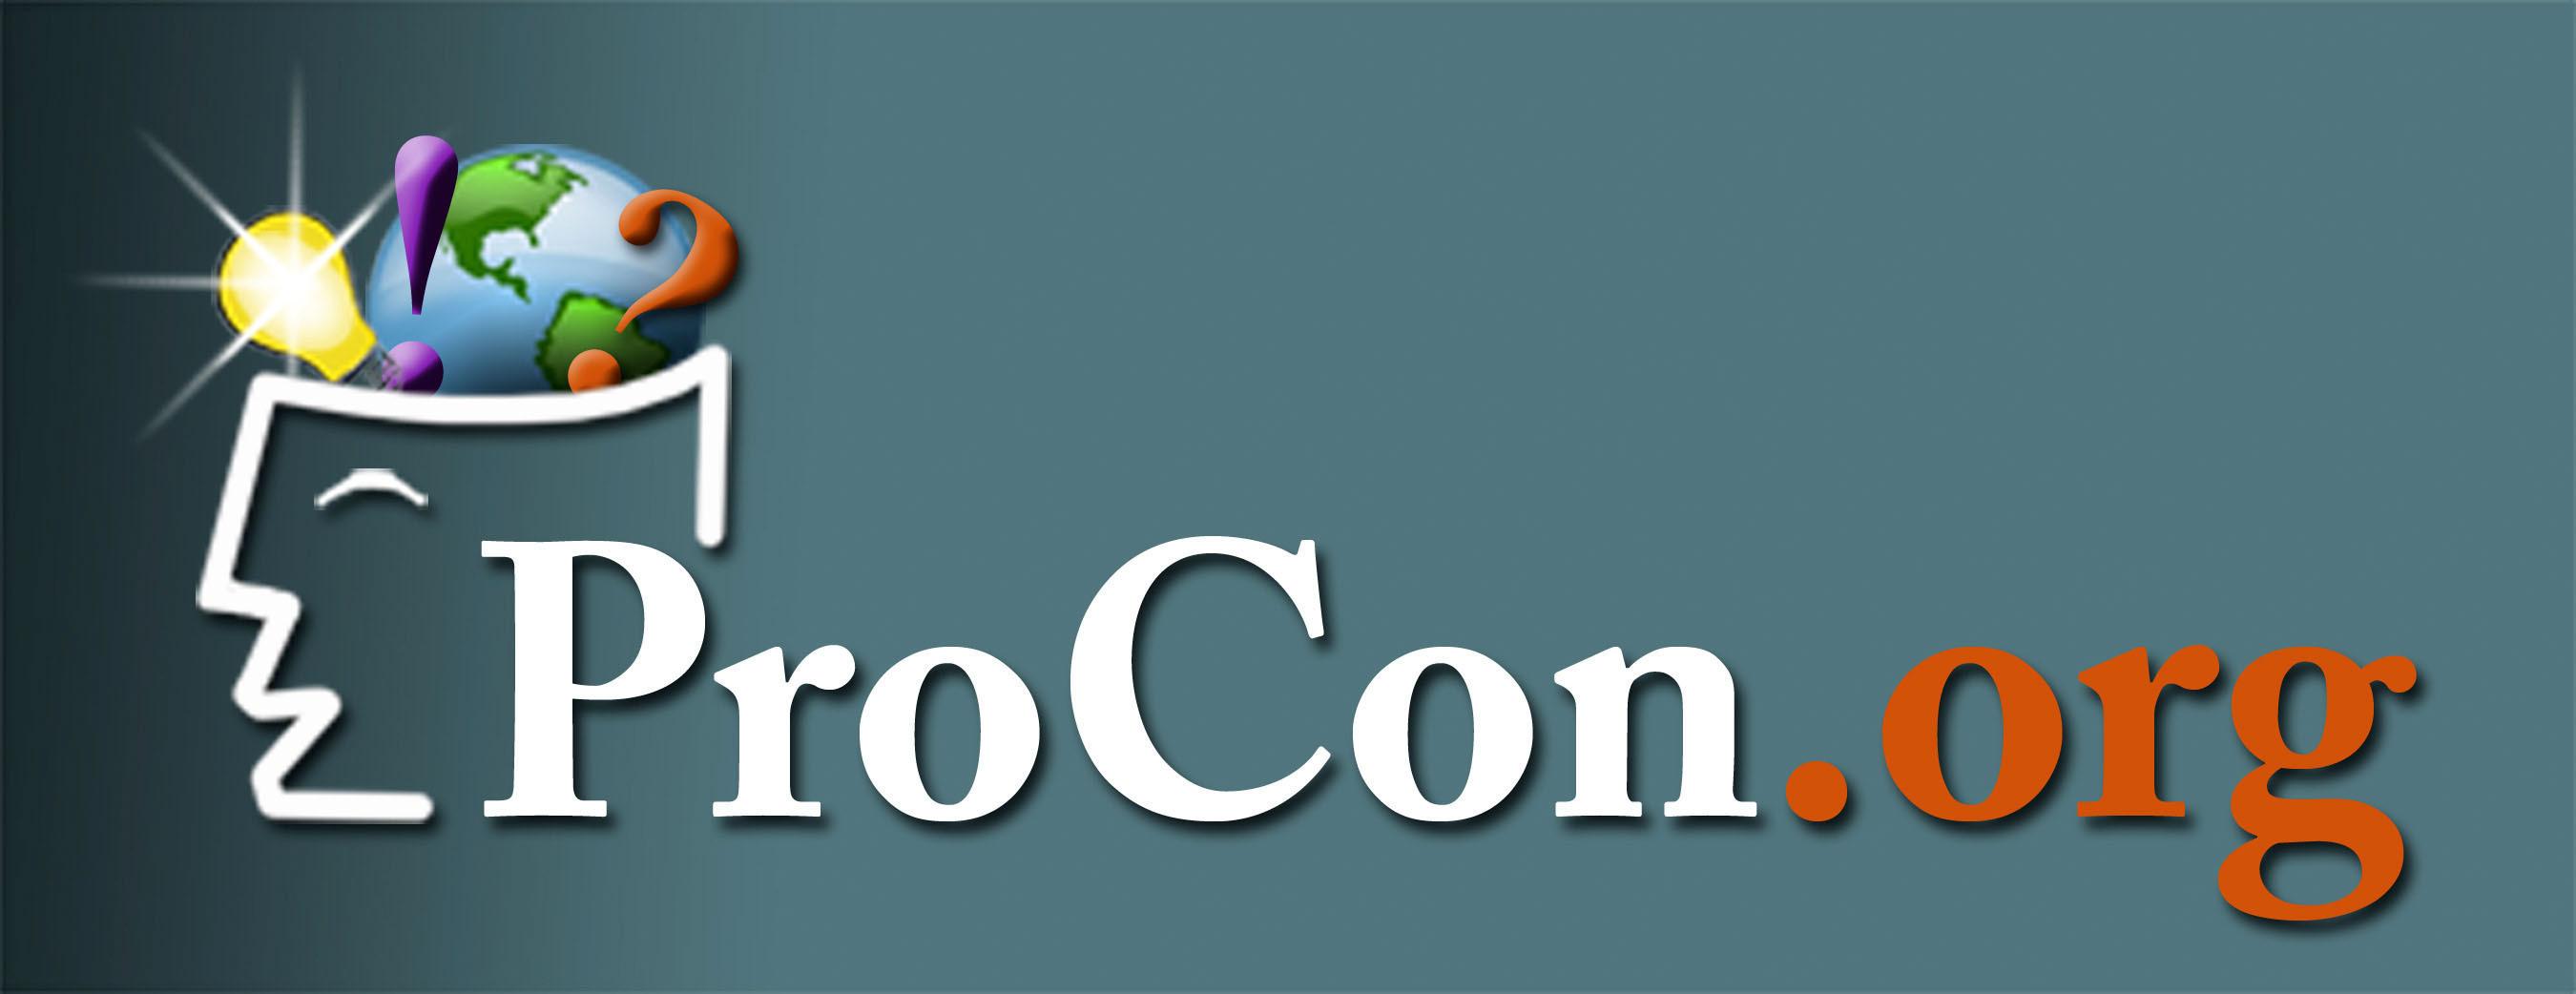 ProCon.org logo.